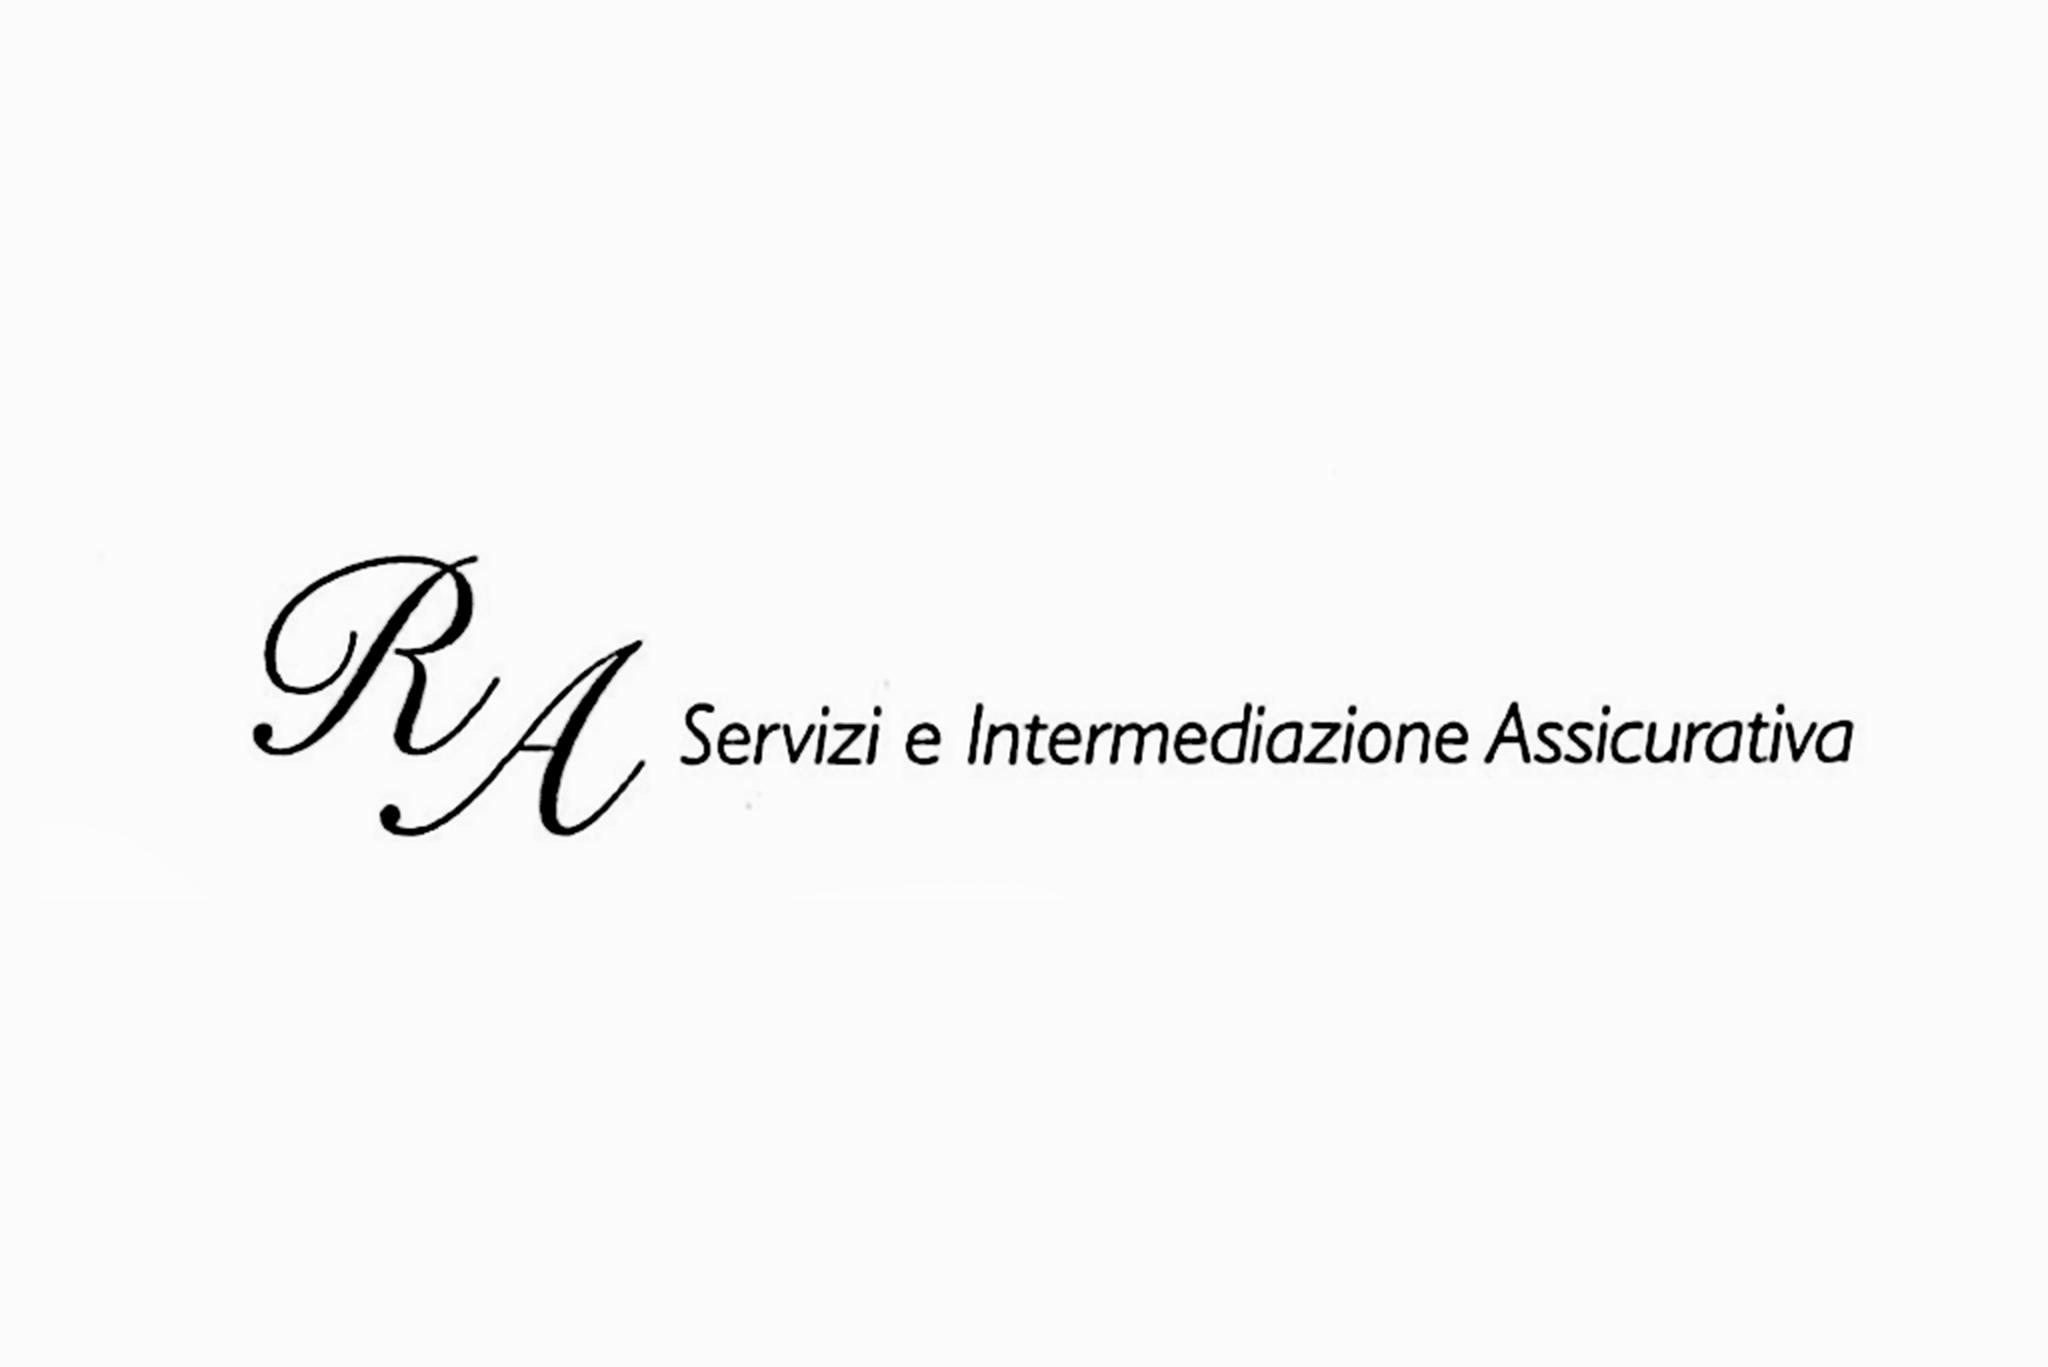 Dott.essa Alessandra Ruffolo - Assicurazioni